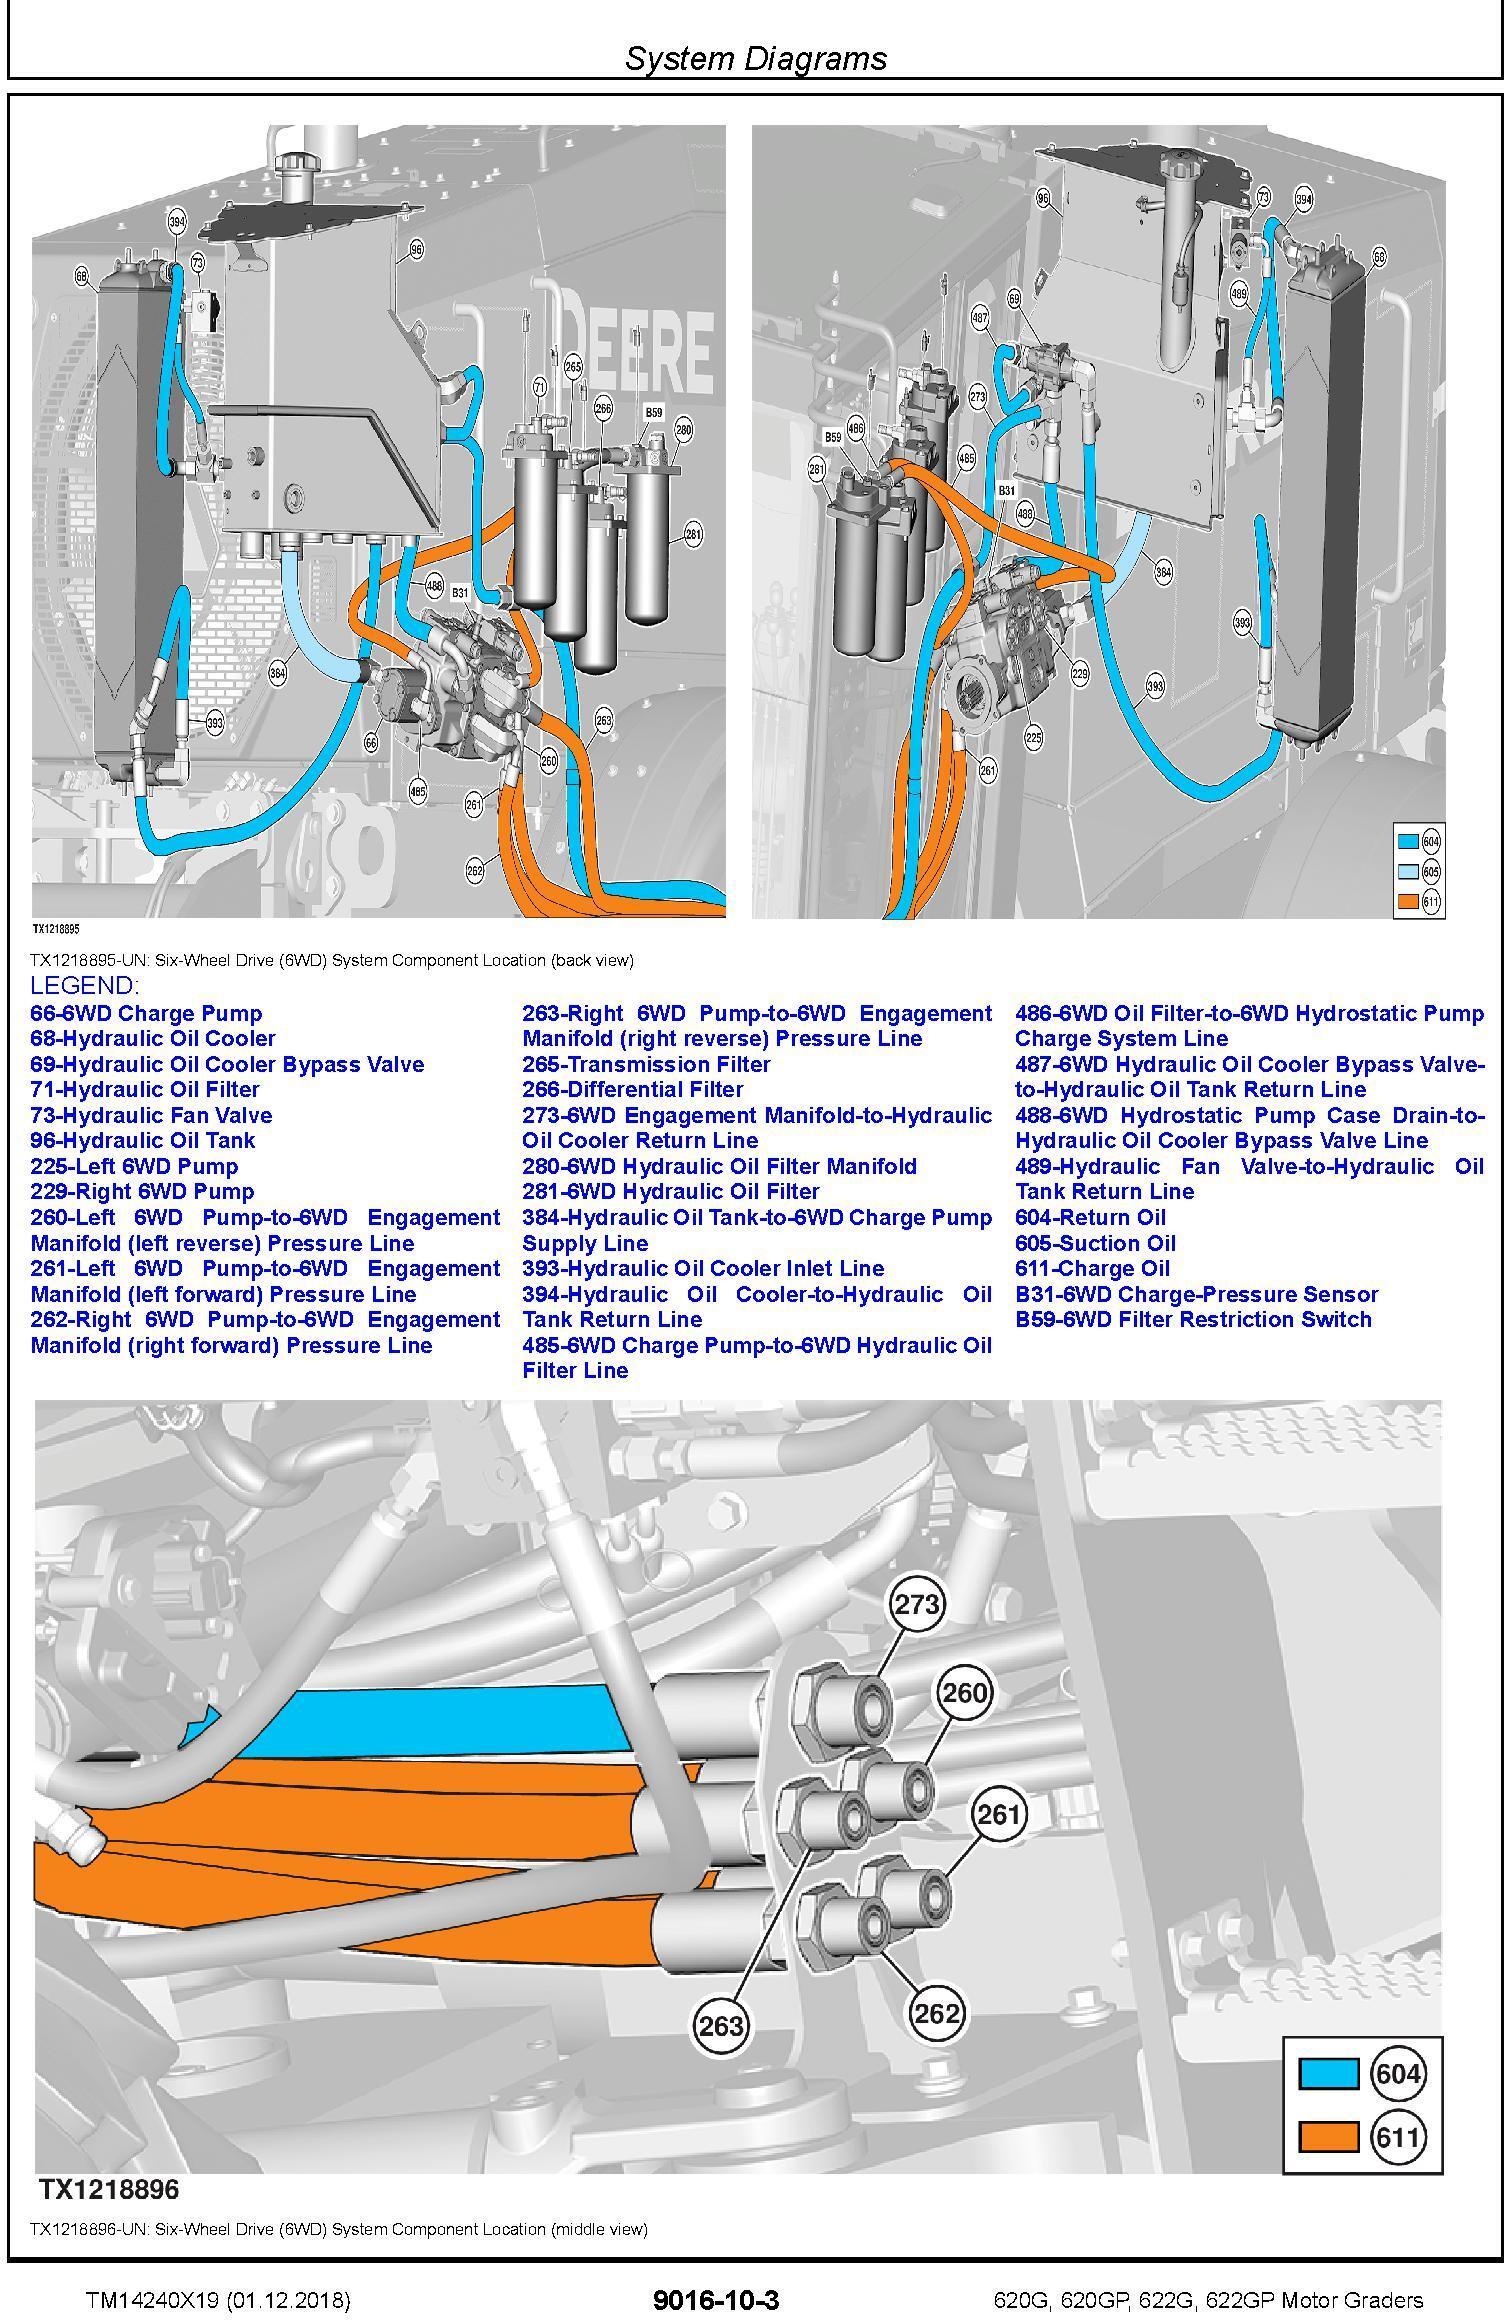 John Deere 620G,620GP,622G,622GP (SN.F680878-,L700954-) Motor Graders Diagnostic Manual (TM14240X19) - 3